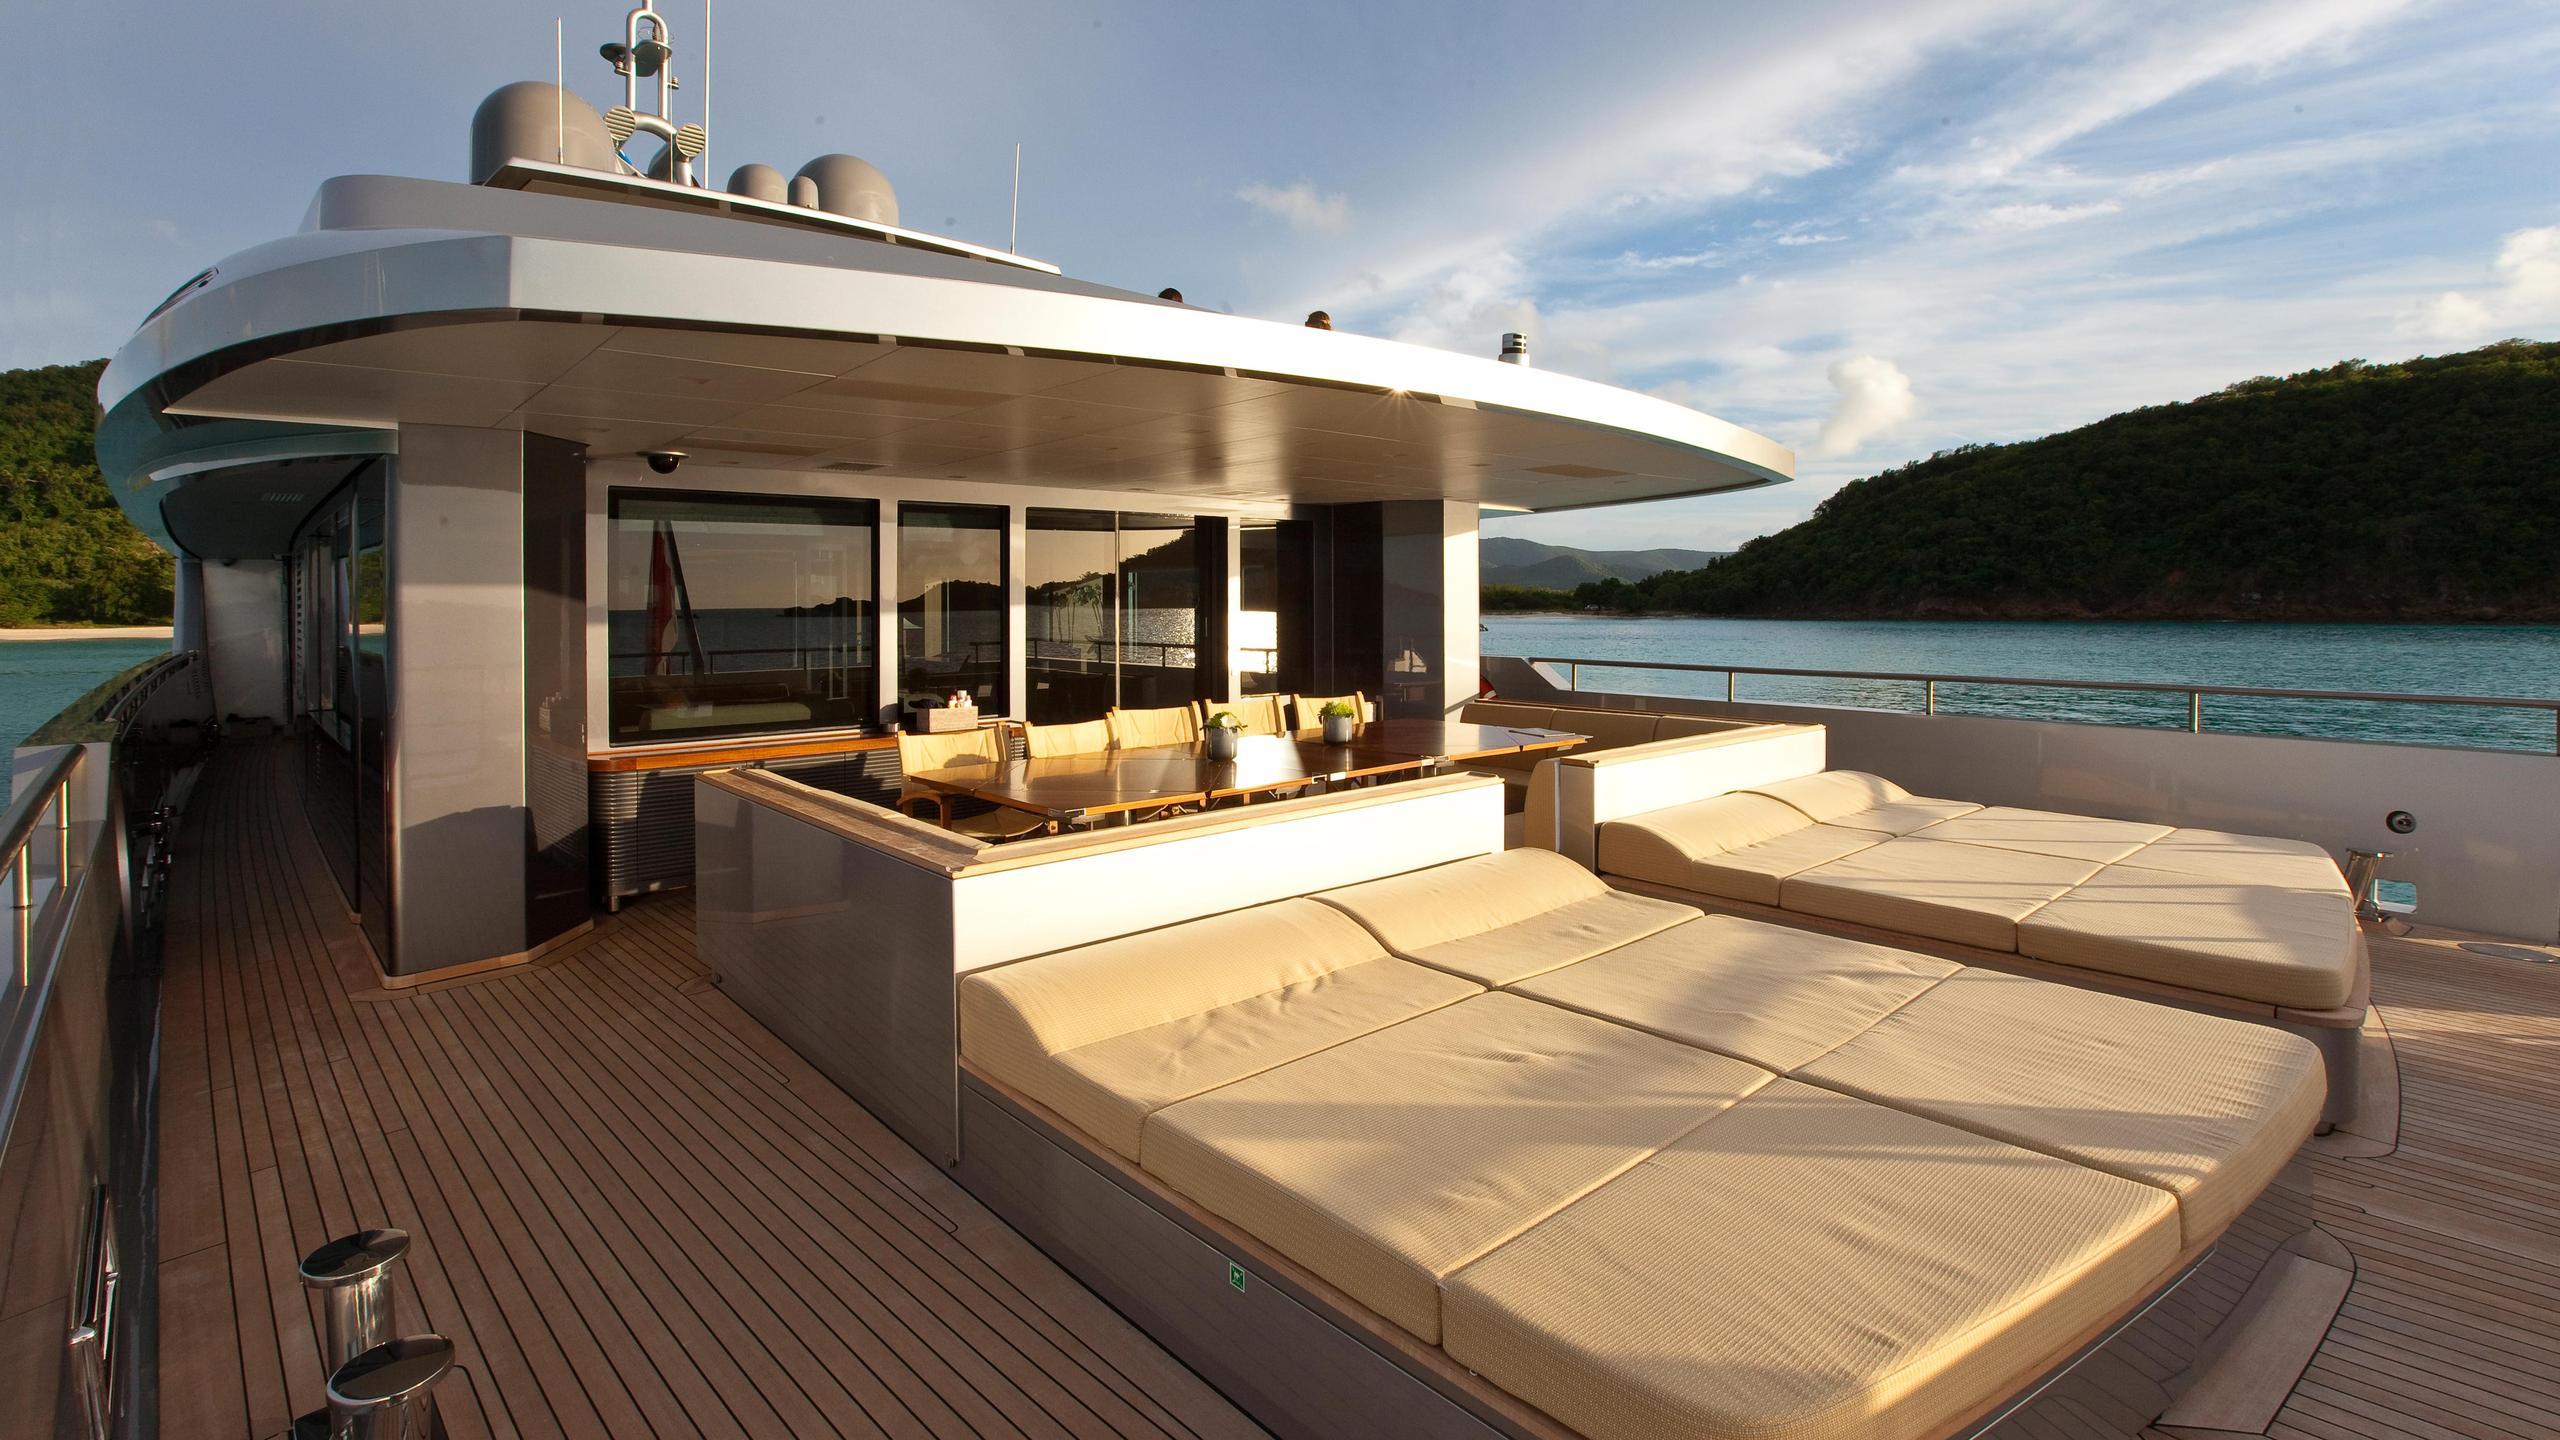 exuma-motor-yacht-perini-navi-picchiotti-2010-50m-deck